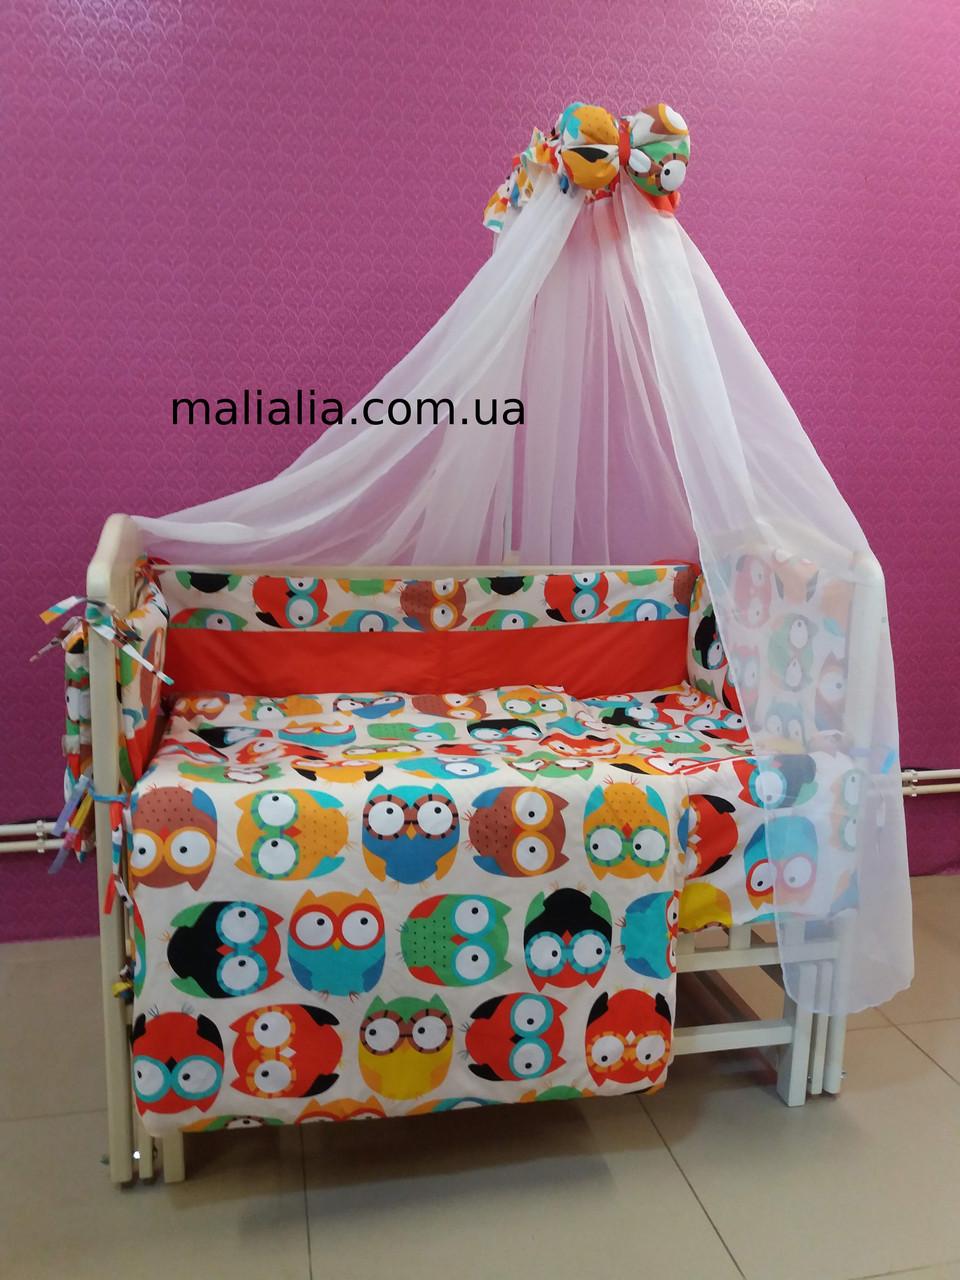 Комплект детского постельного белья Совы цветные 8 ед Bepino